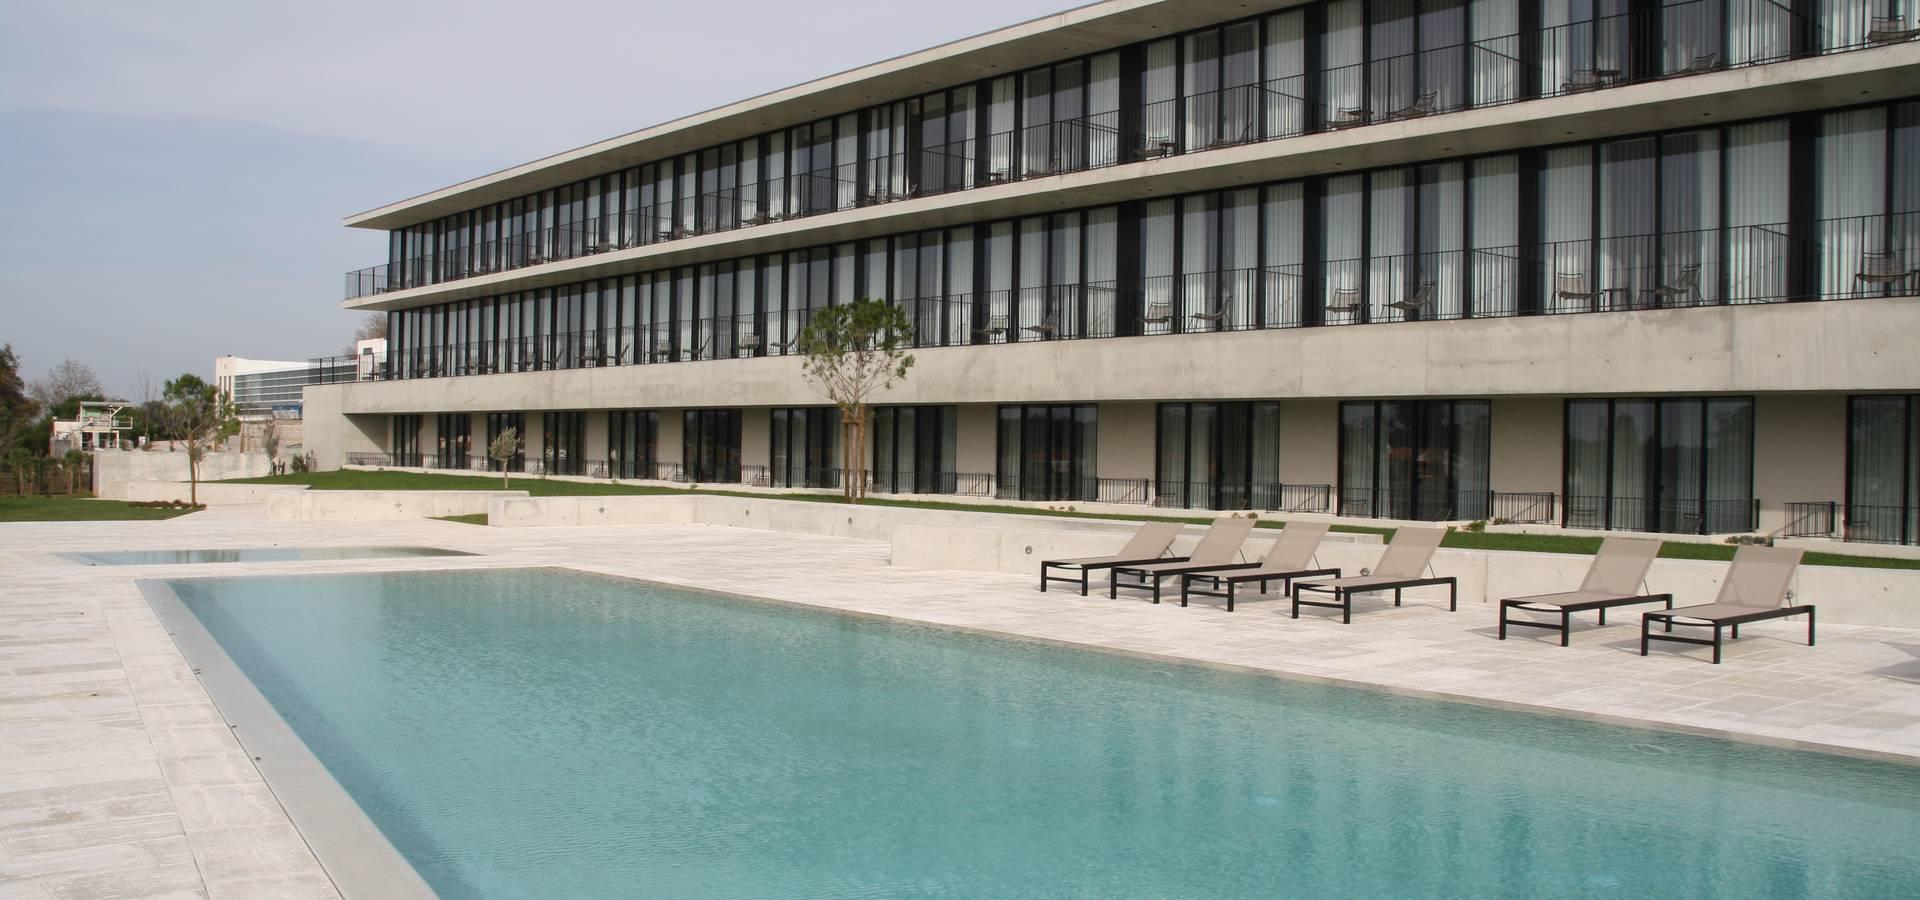 Habitat Arquitectura Paisagista